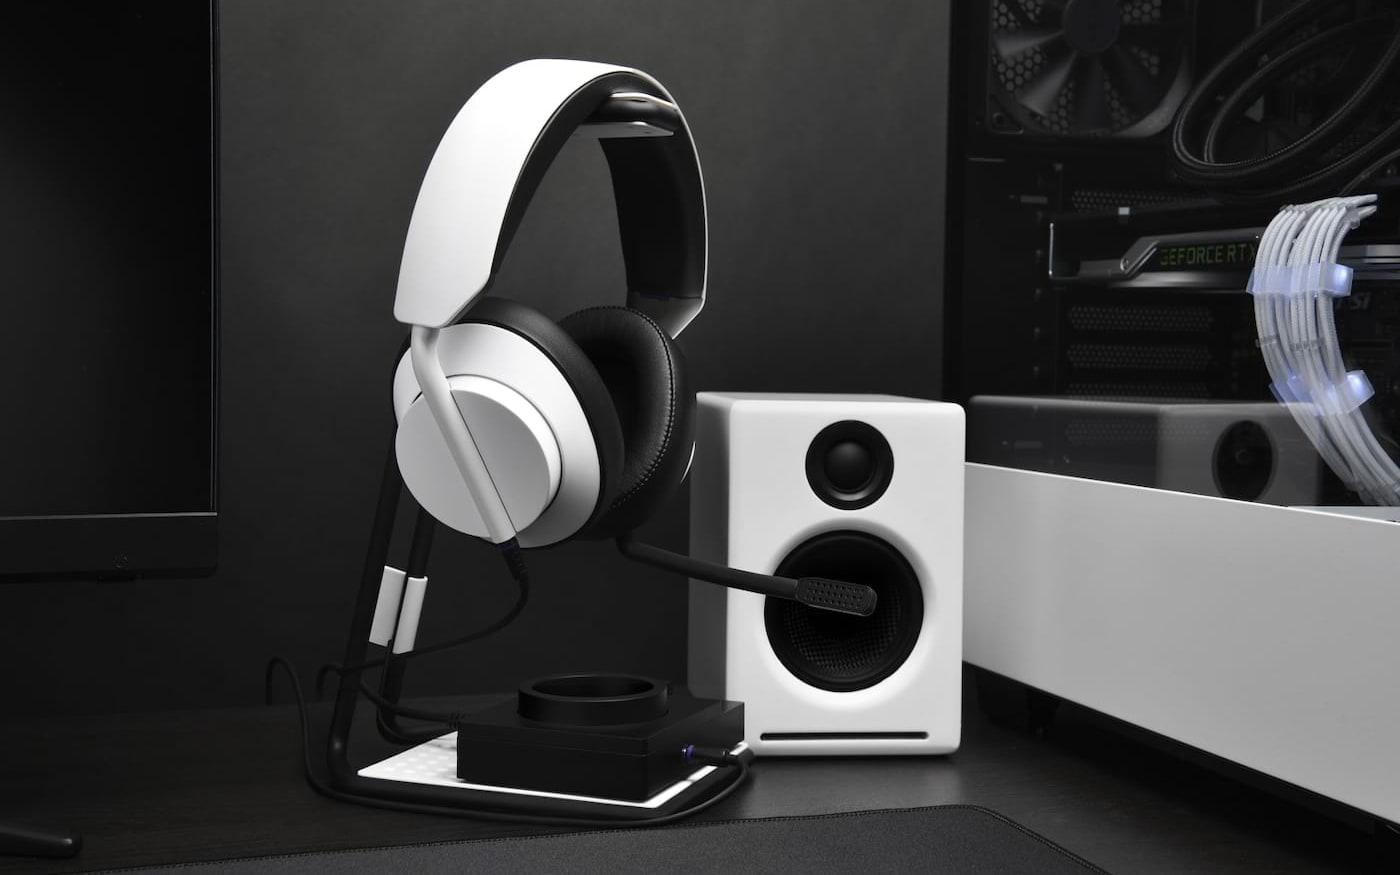 NZXT lança sua linha de áudio com headset, stand e muito mais!